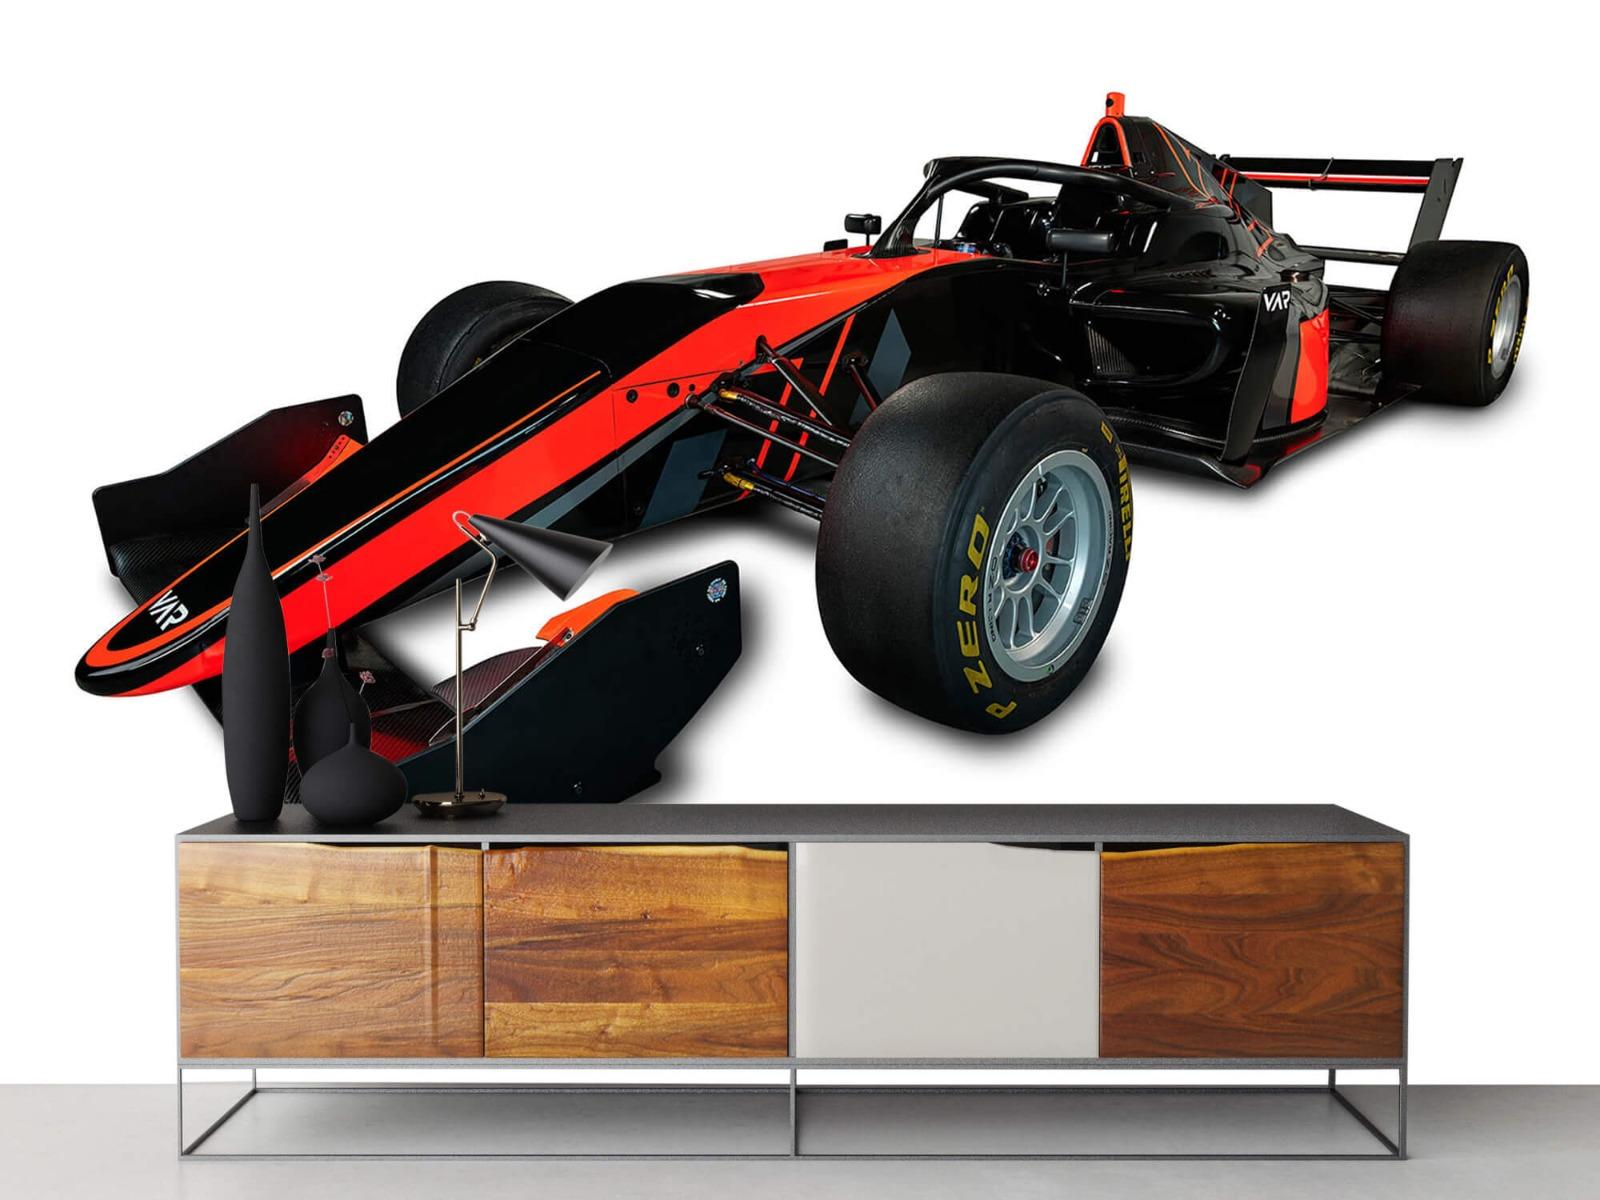 Sportauto's - Formule 3 - Left front view - Tienerkamer 16